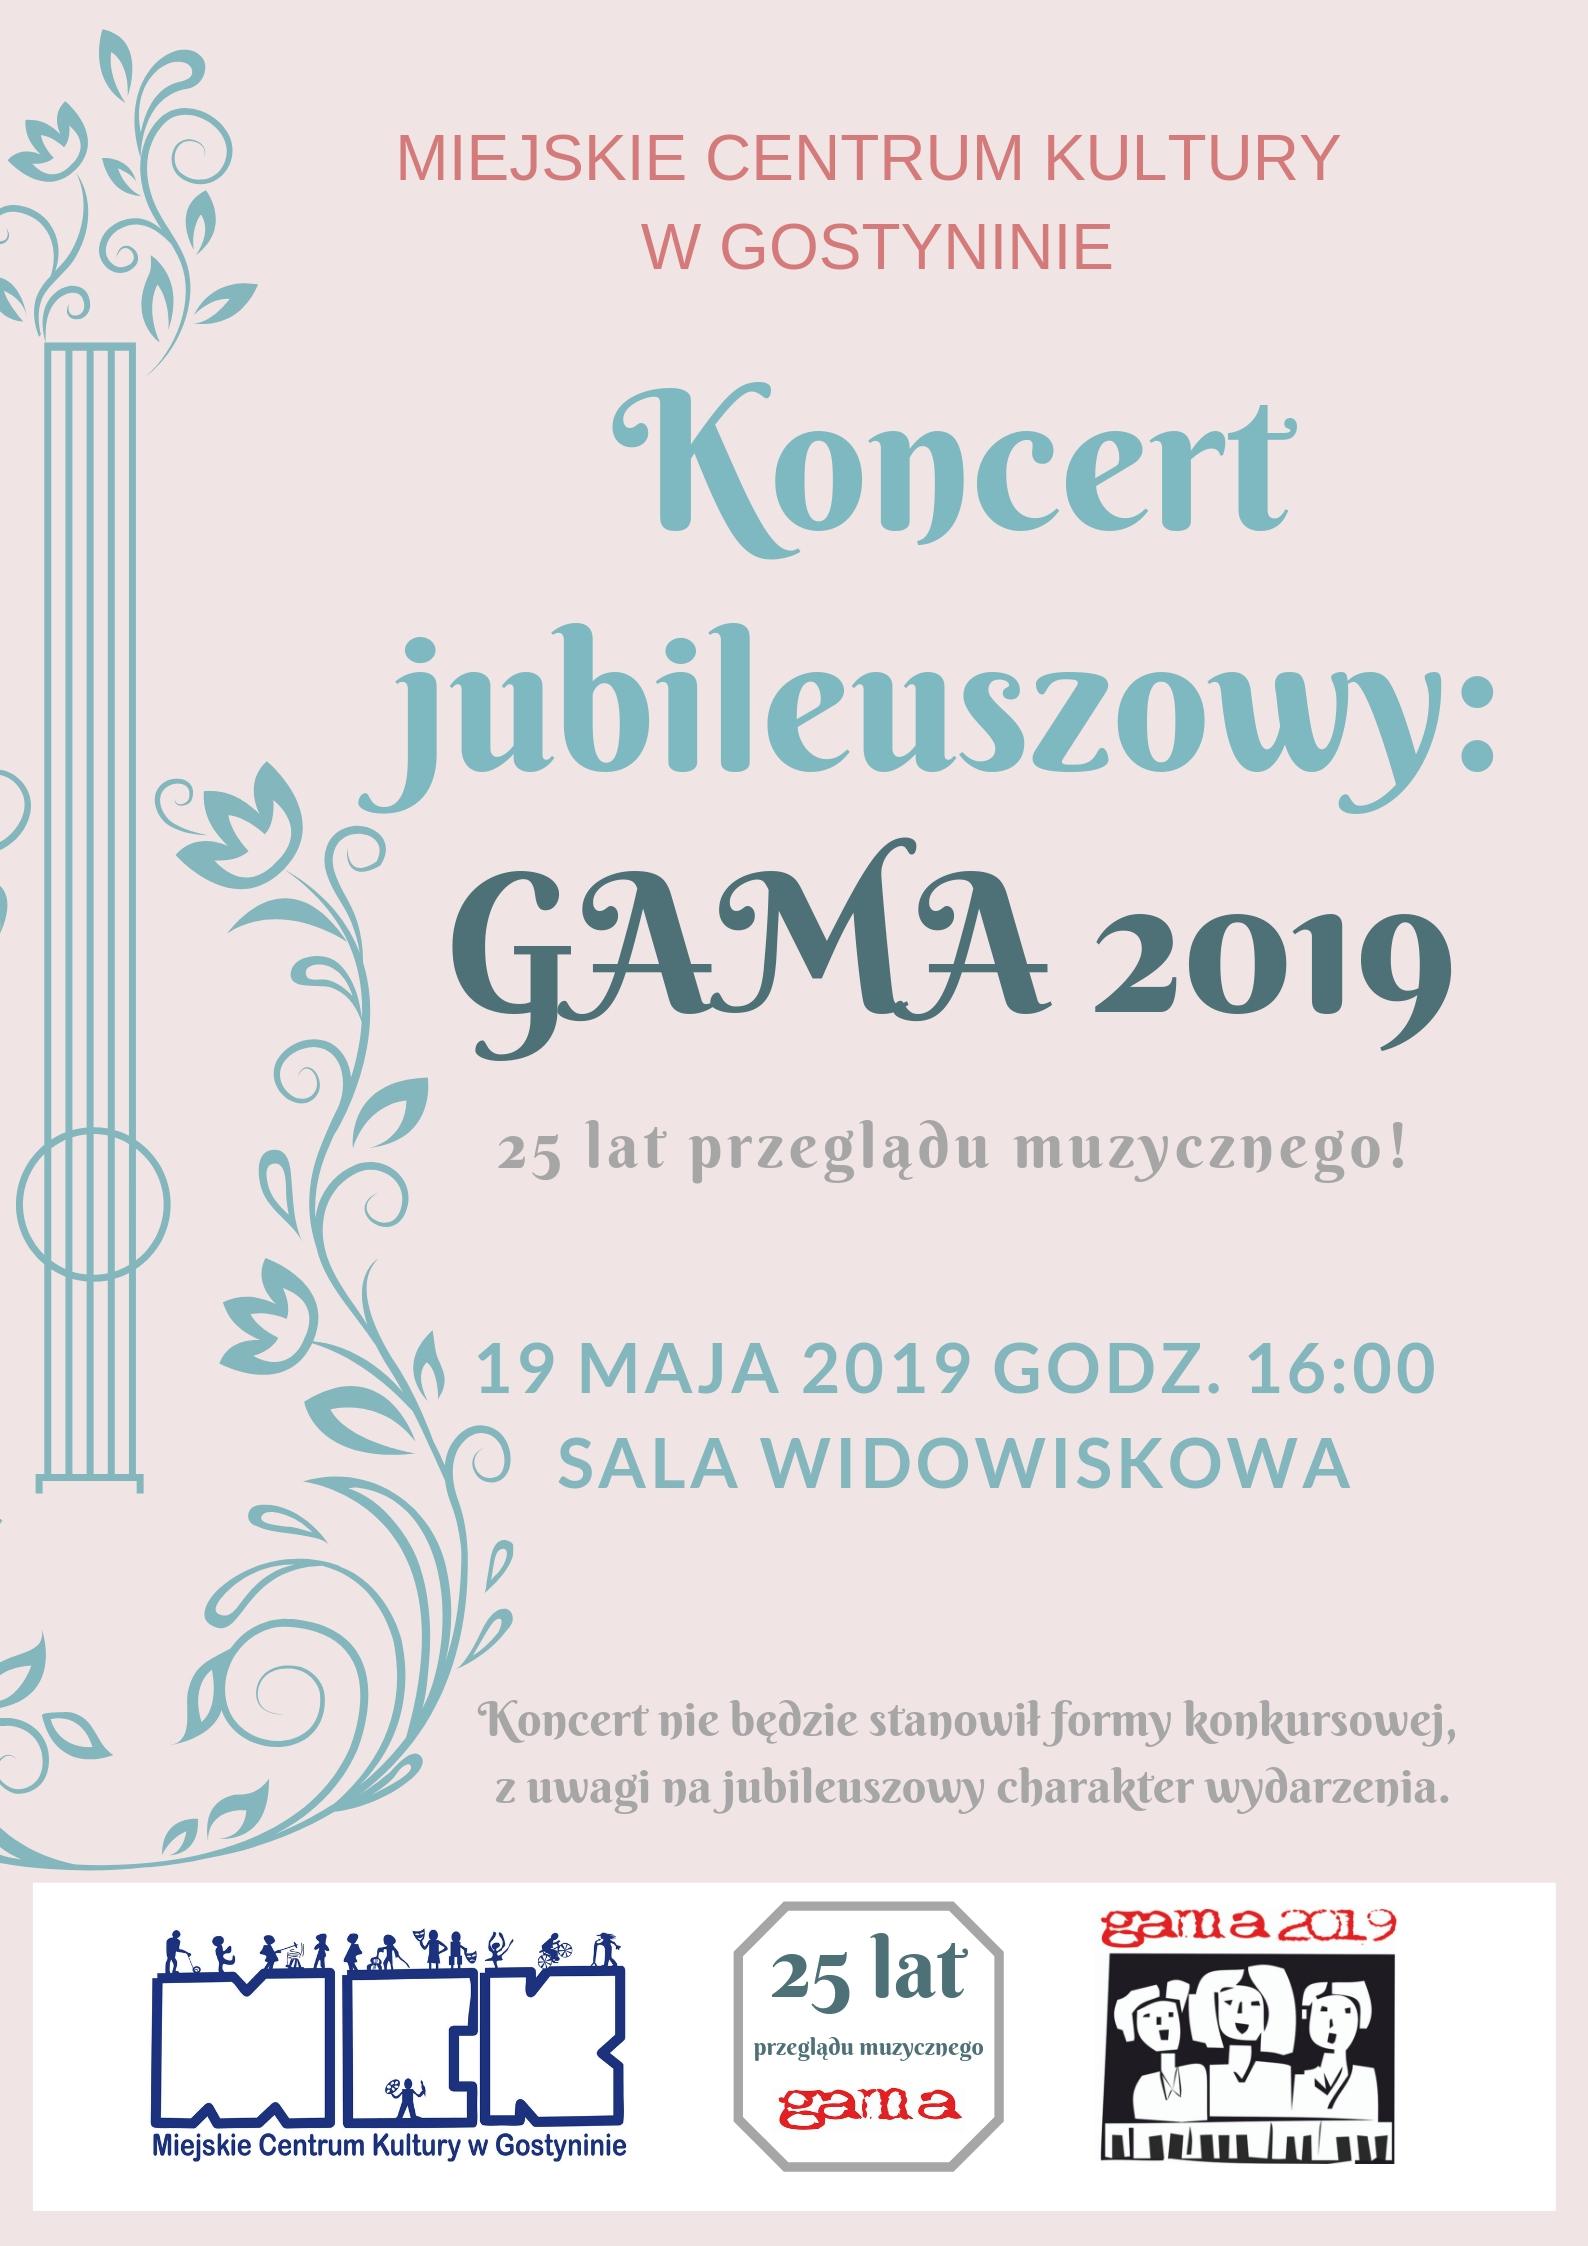 Już w niedzielę 19.05.2019 w MCK odbędzie się koncert jubileuszowy GAMA 2019! WSTĘP WOLNY!